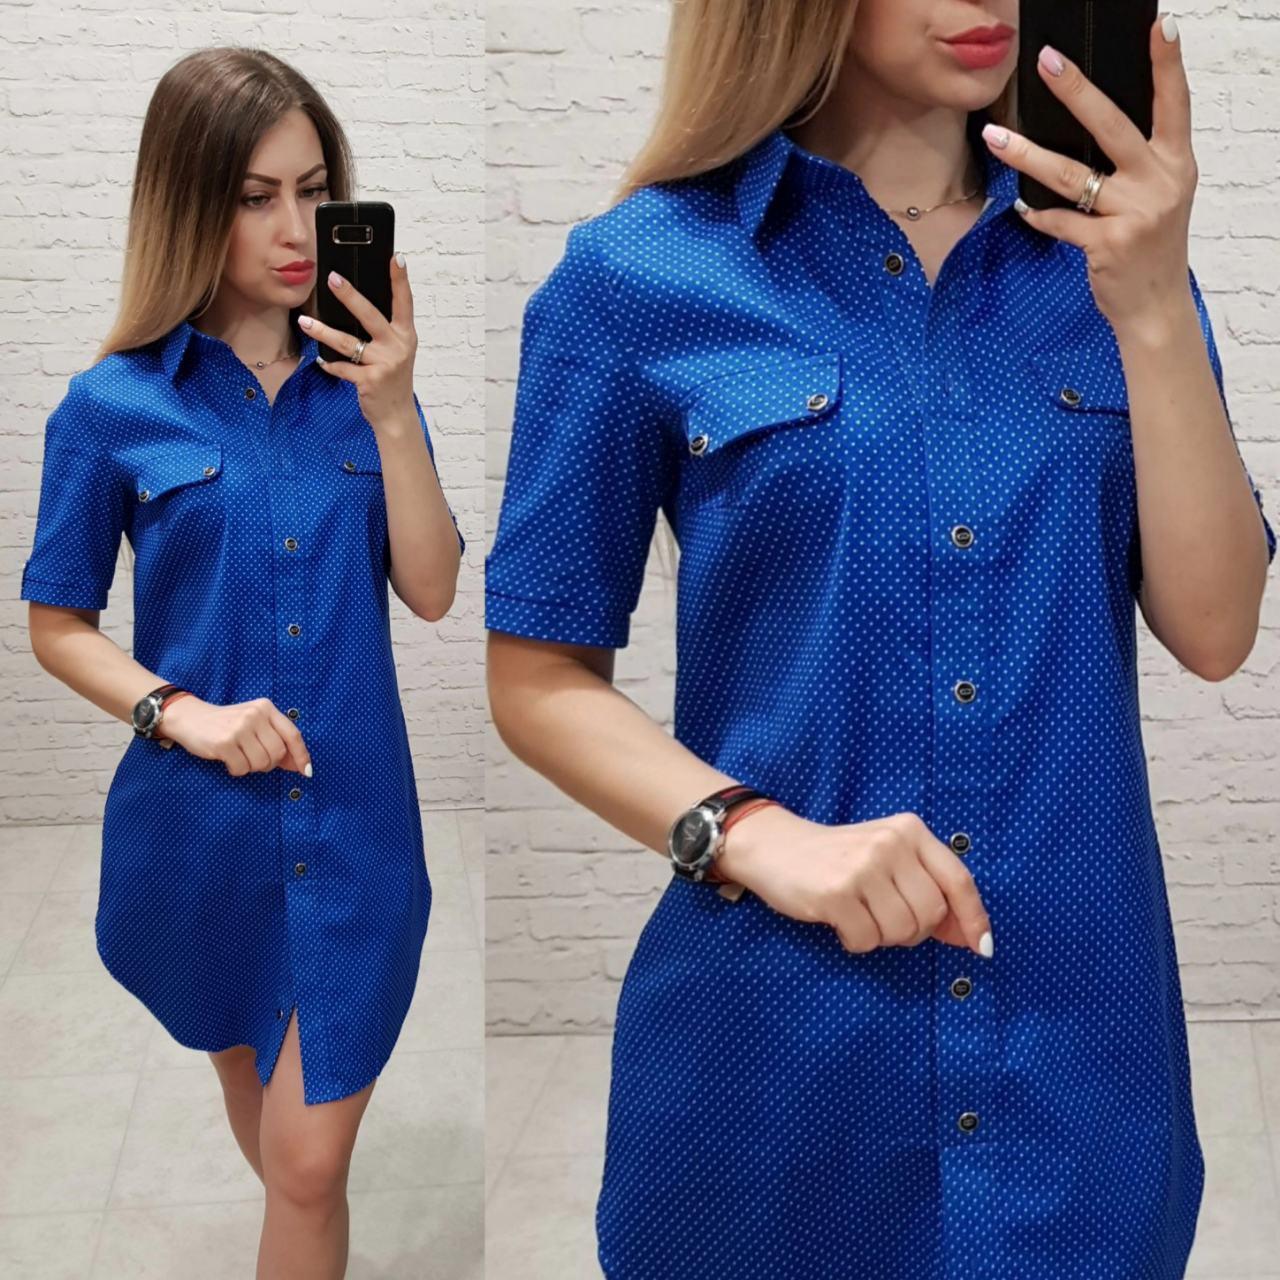 Платье - рубашка  арт. 827 электрик ярко синий в горох